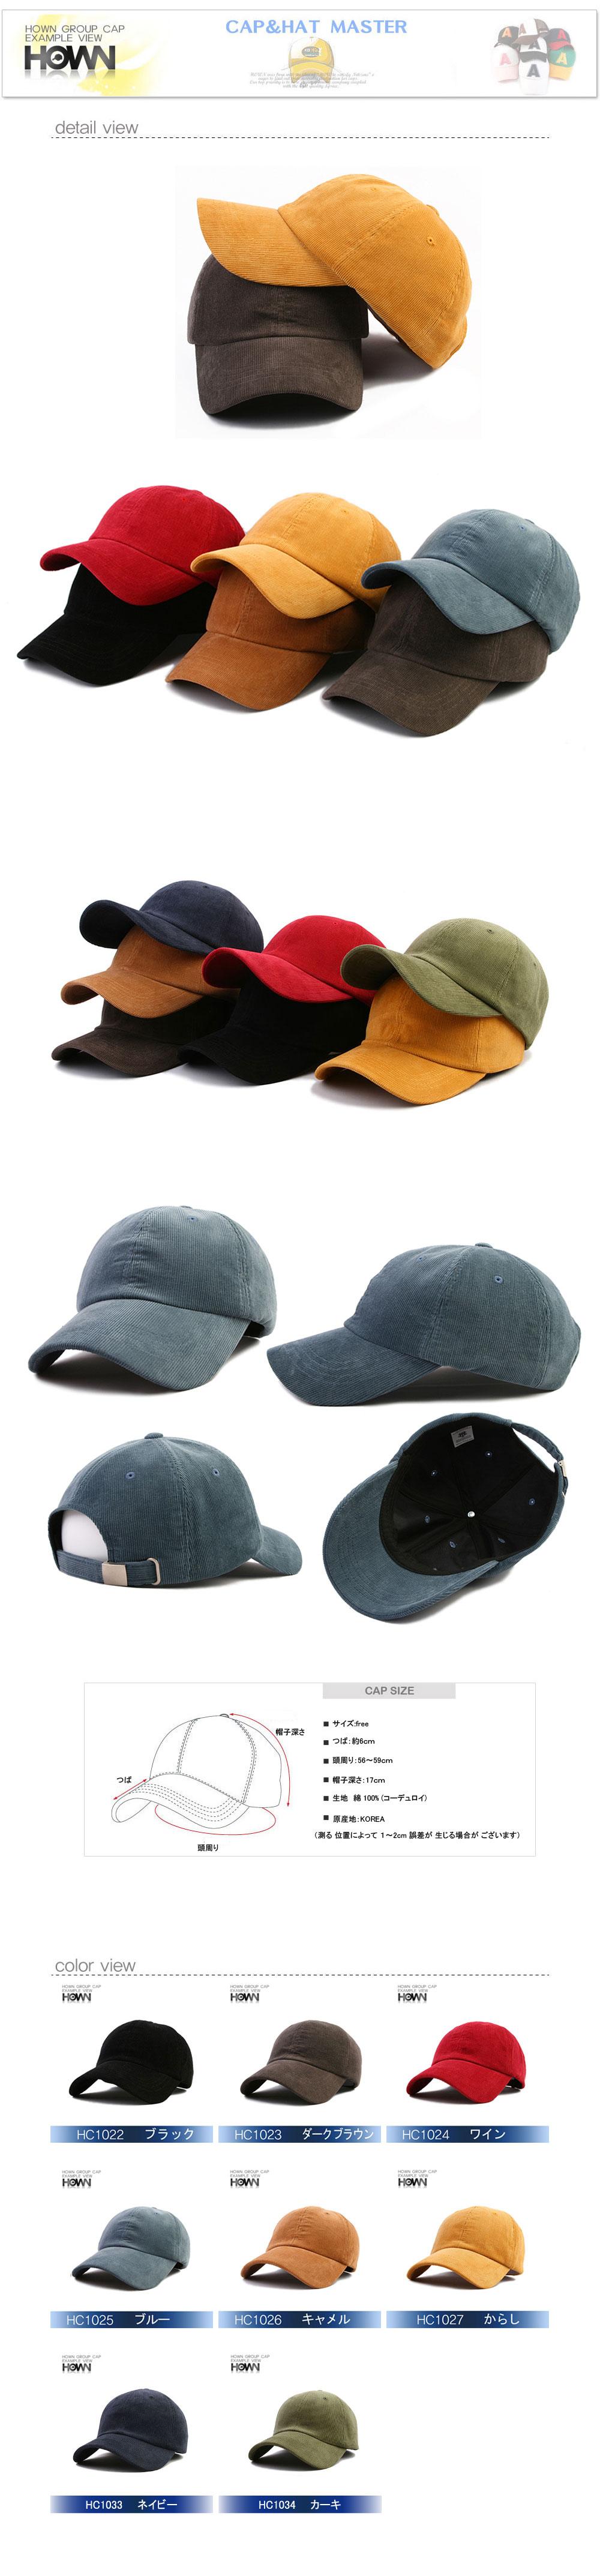 ゴールデンボールキャップ 1点から製作可能!名前入れ 刺繍 プリント オリジナルキャップ イベント用 野球帽 学校行事 サークル